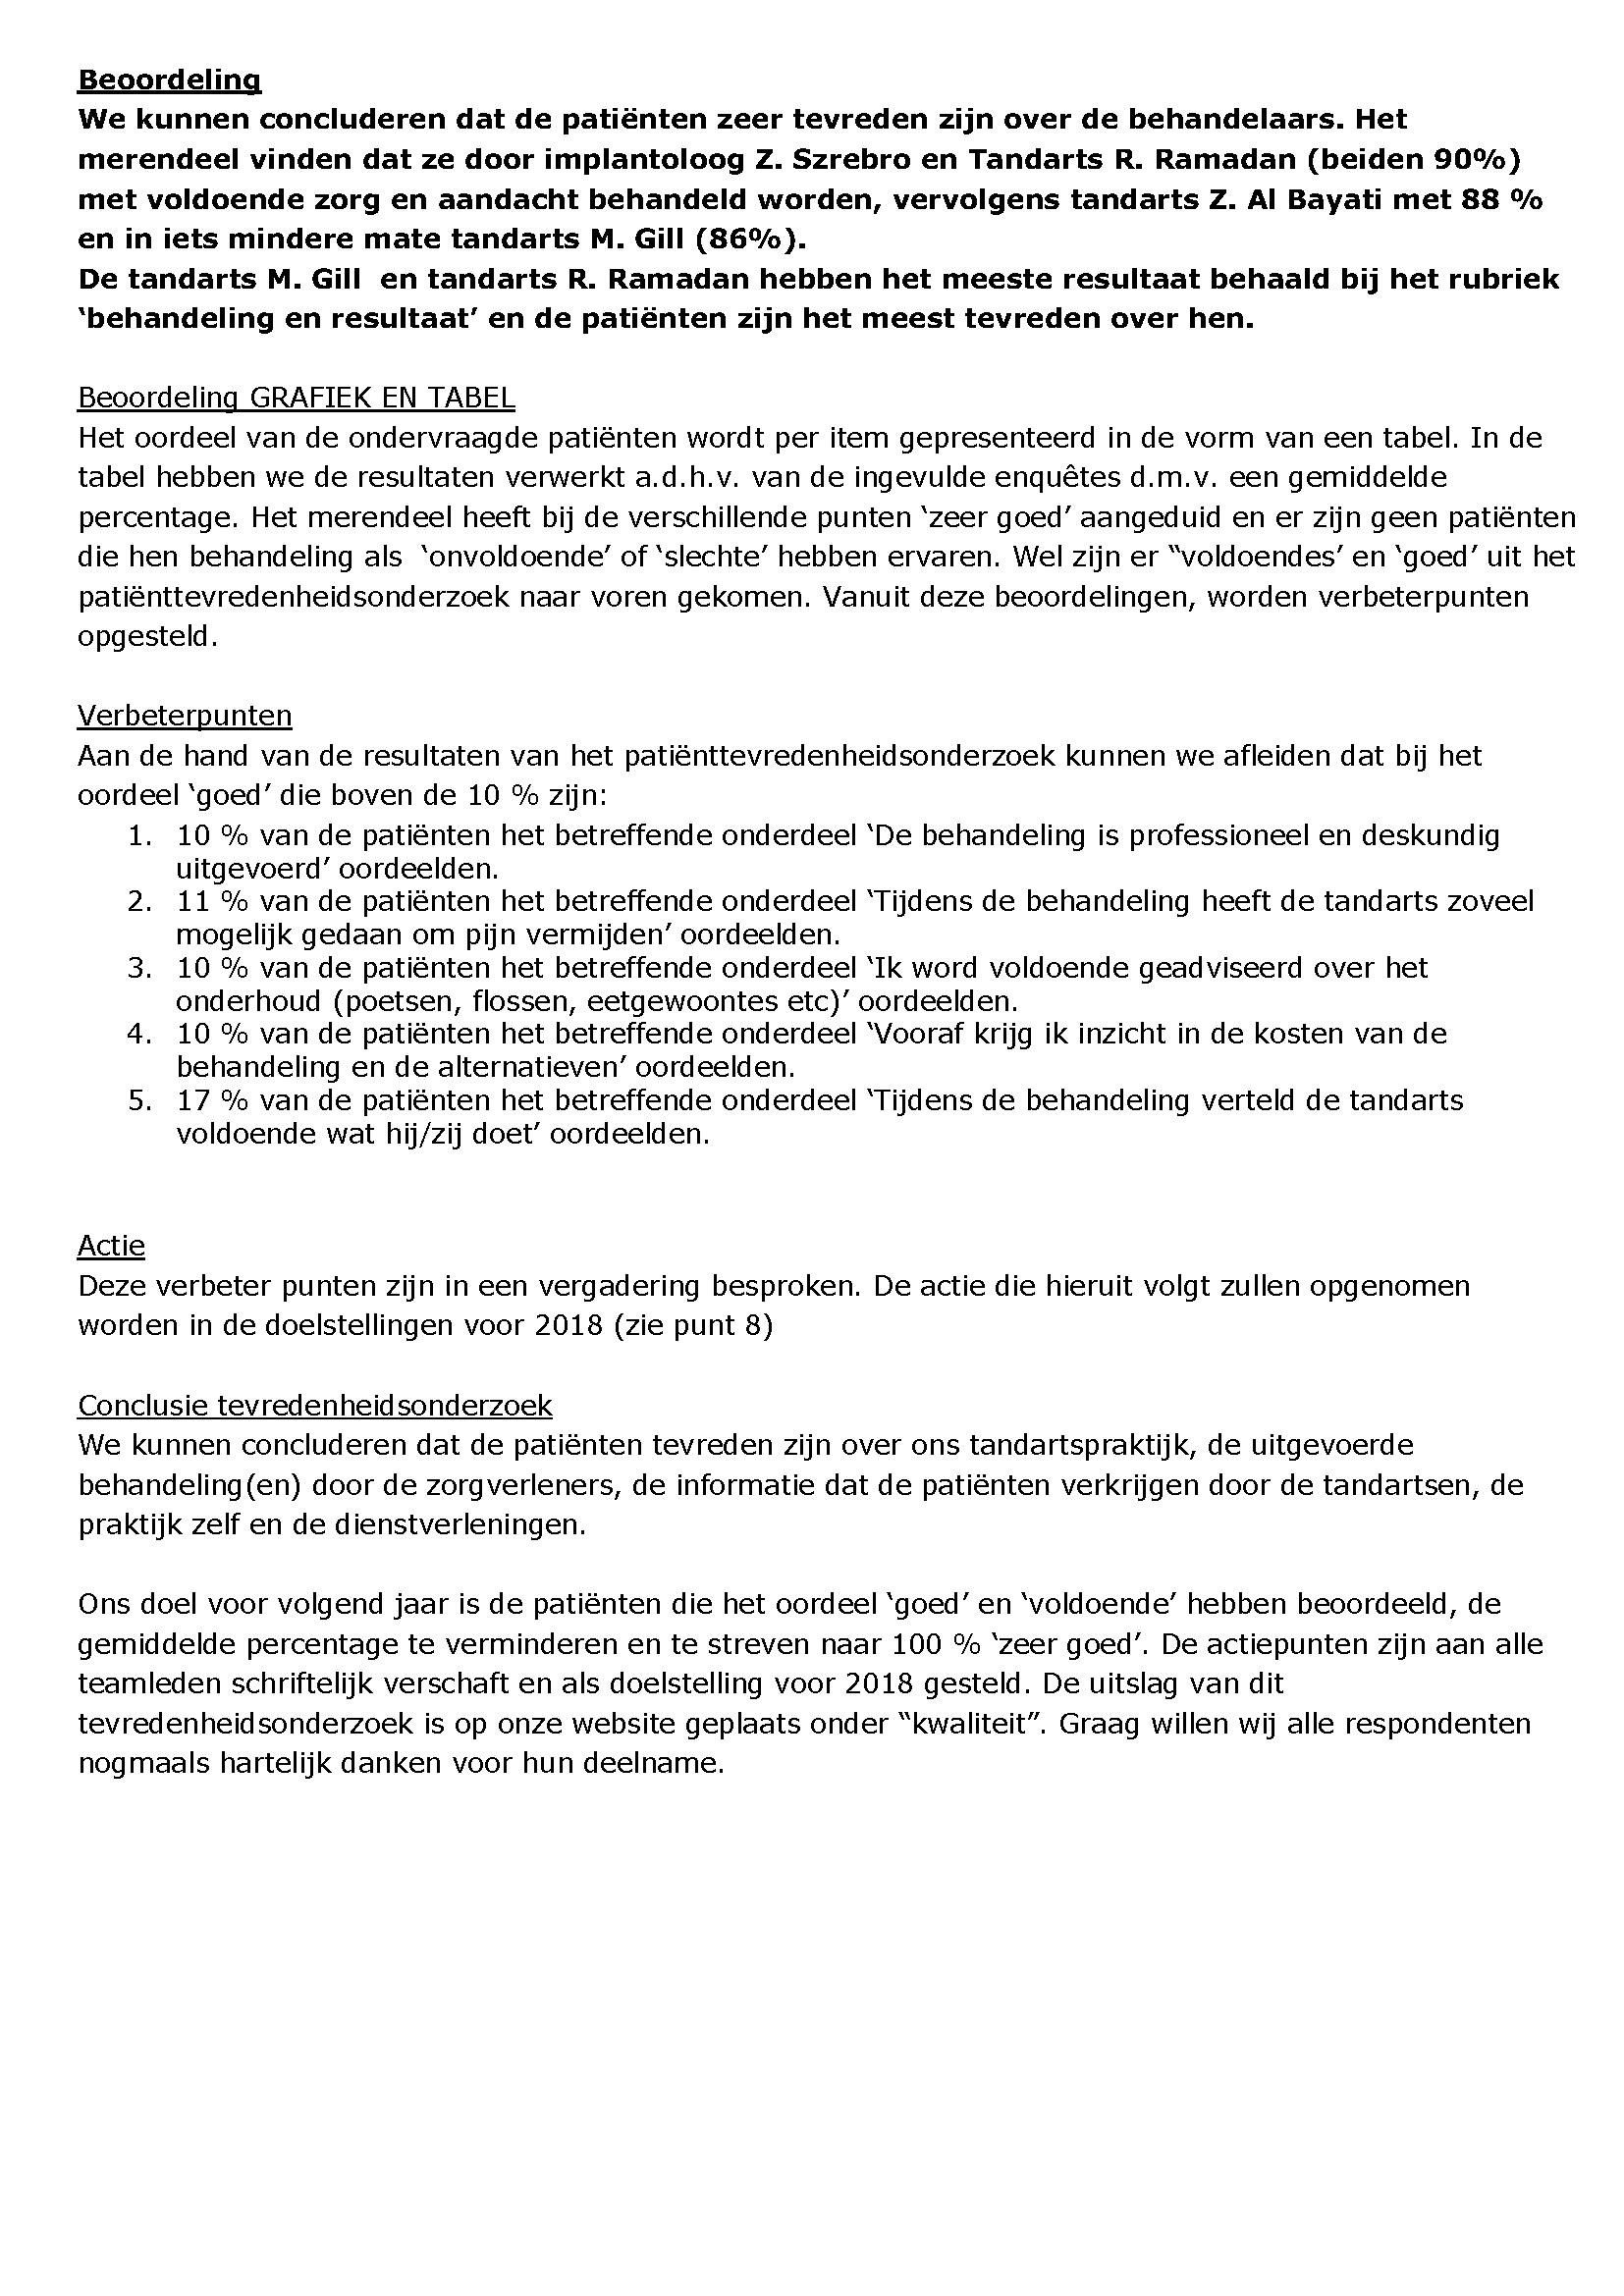 Patienttevredenheidsonderzoek-pagina-6